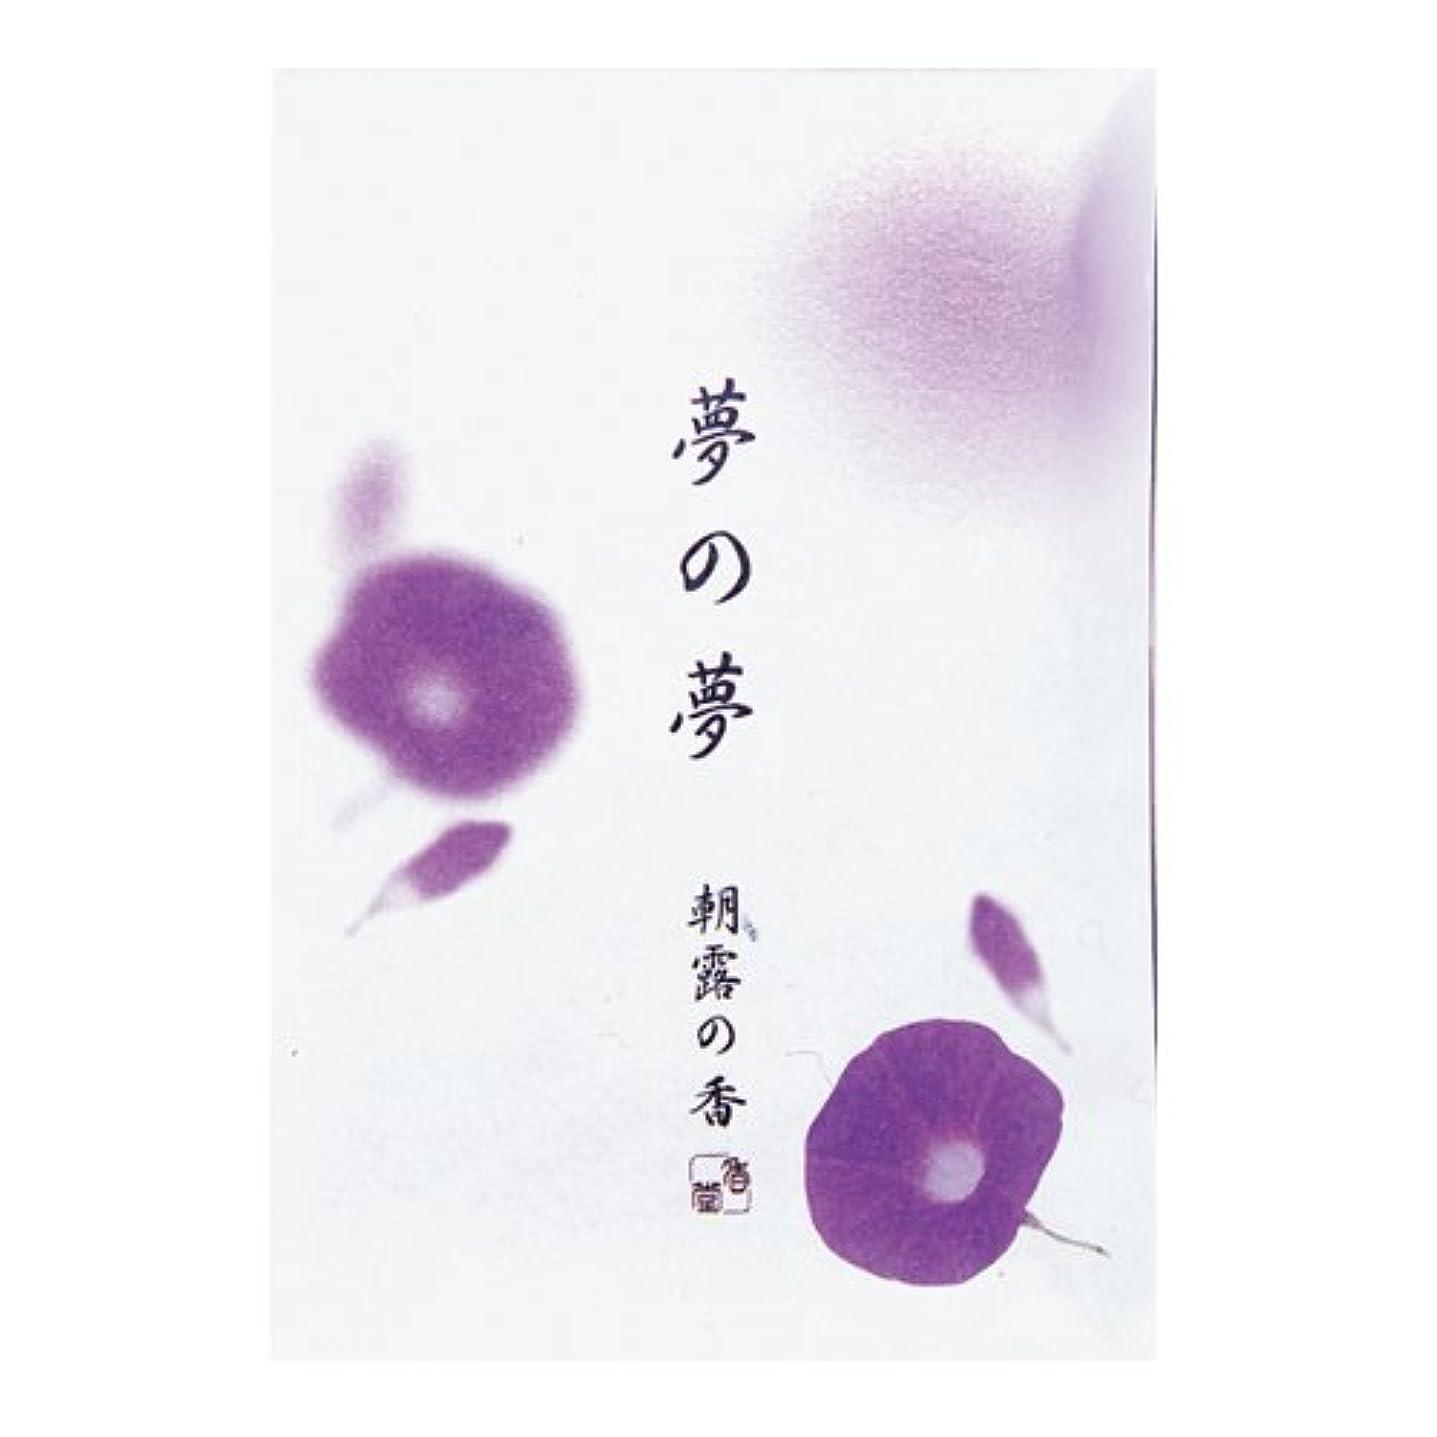 パラメータできれば忠実に日本香堂 夢の夢朝露の香 スティック